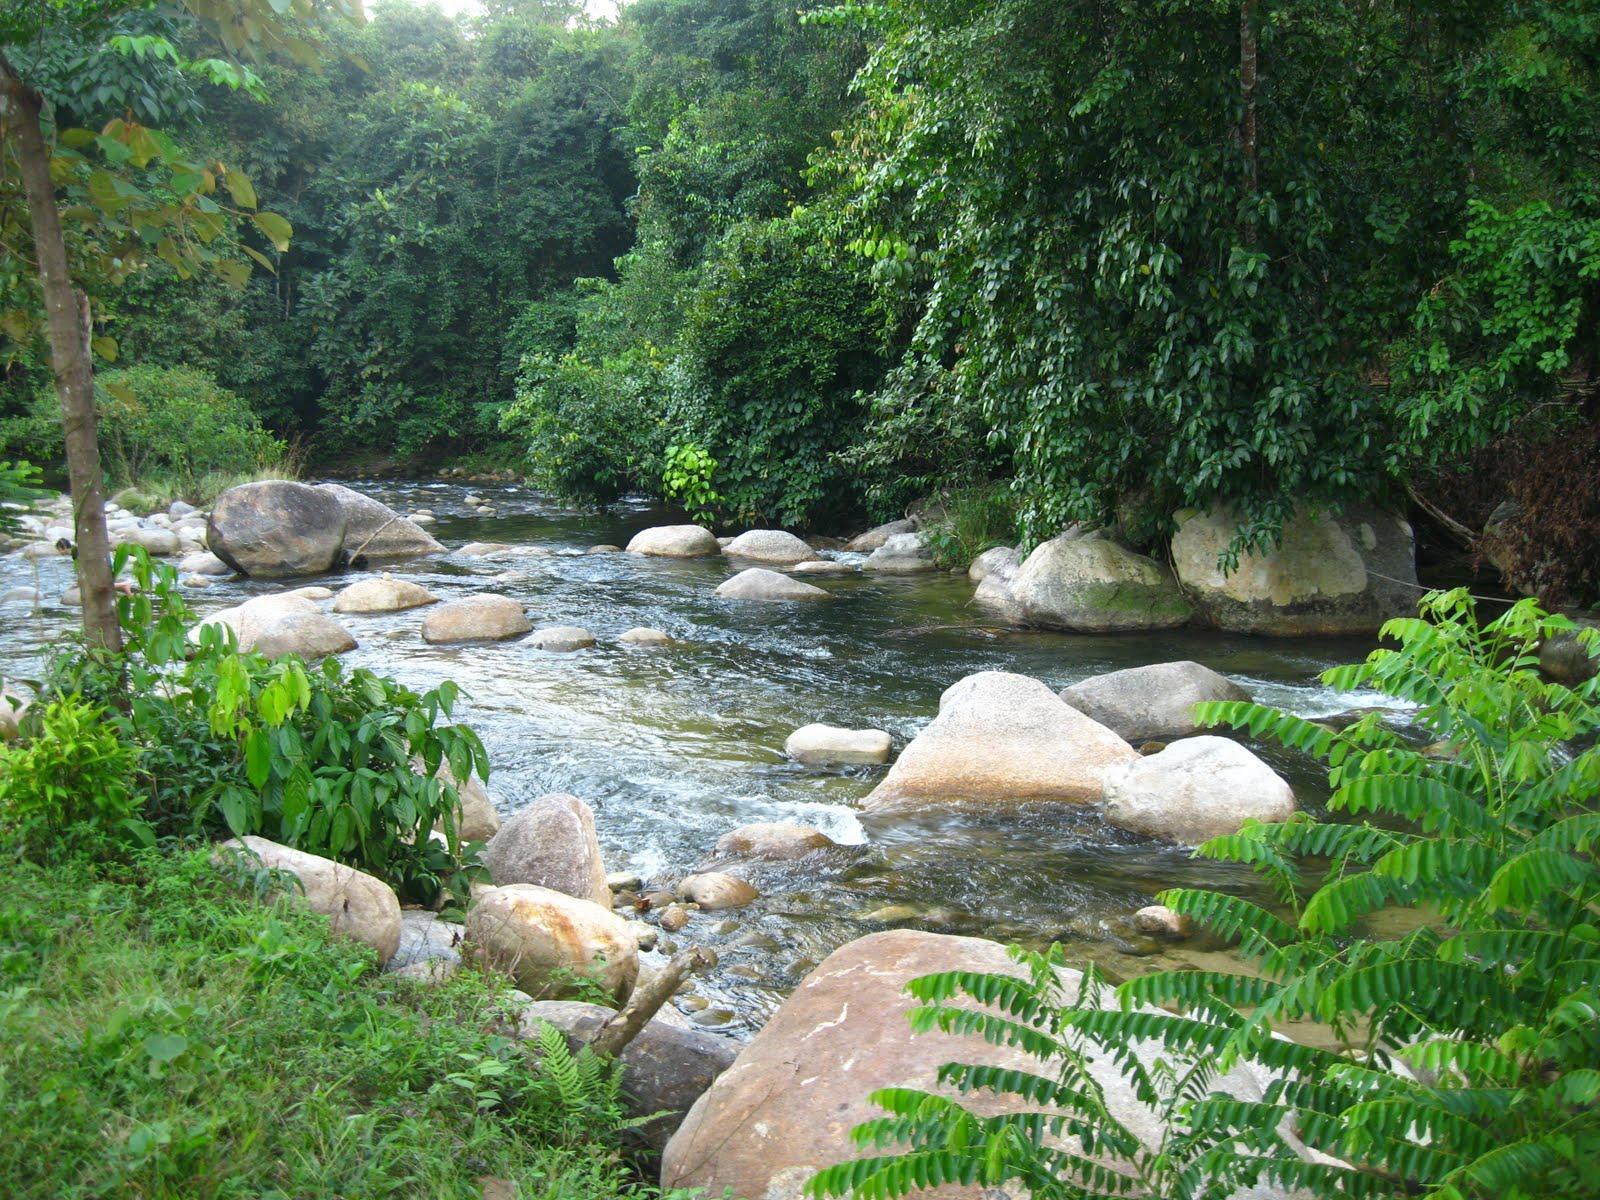 sungai sedim kulim malaysia Great savings on hotels in kampong ulu sedim, malaysia online good availability and great rates  kulim (near kampong ulu sedim)  sungai petani is 17 miles.